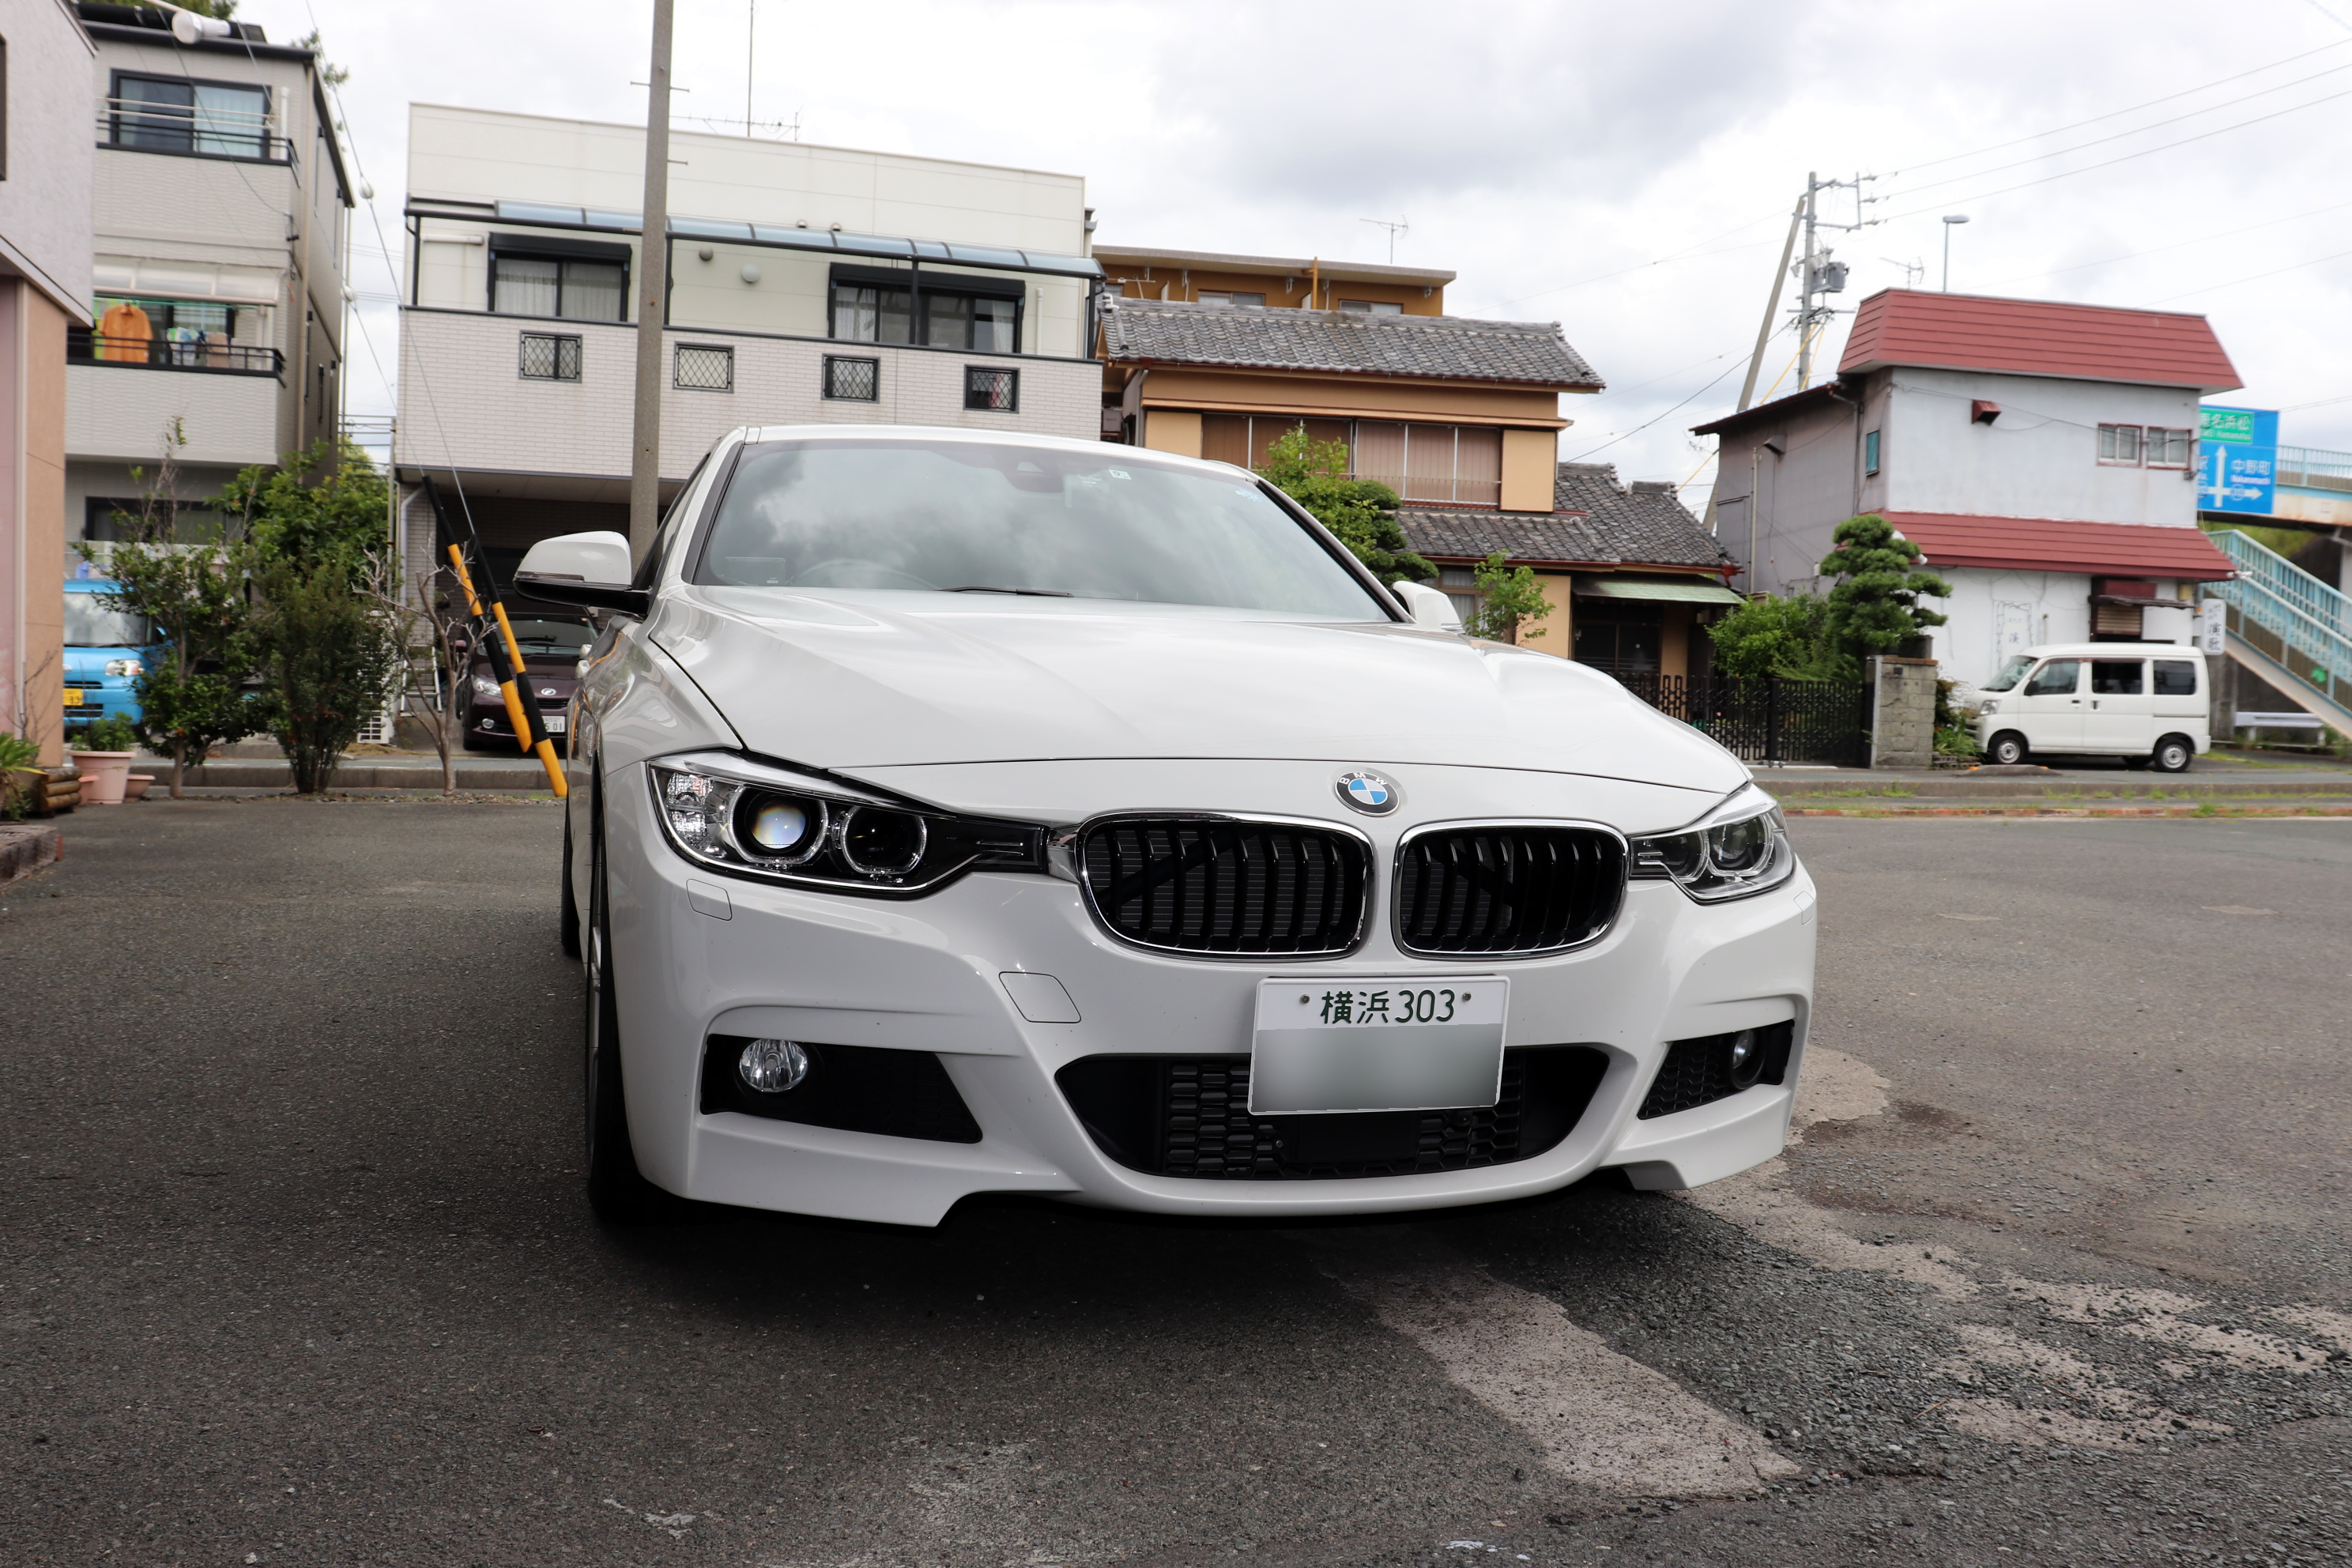 BMW F30 320d 鬼アライメント調整&ボッシュ エアコンサービス